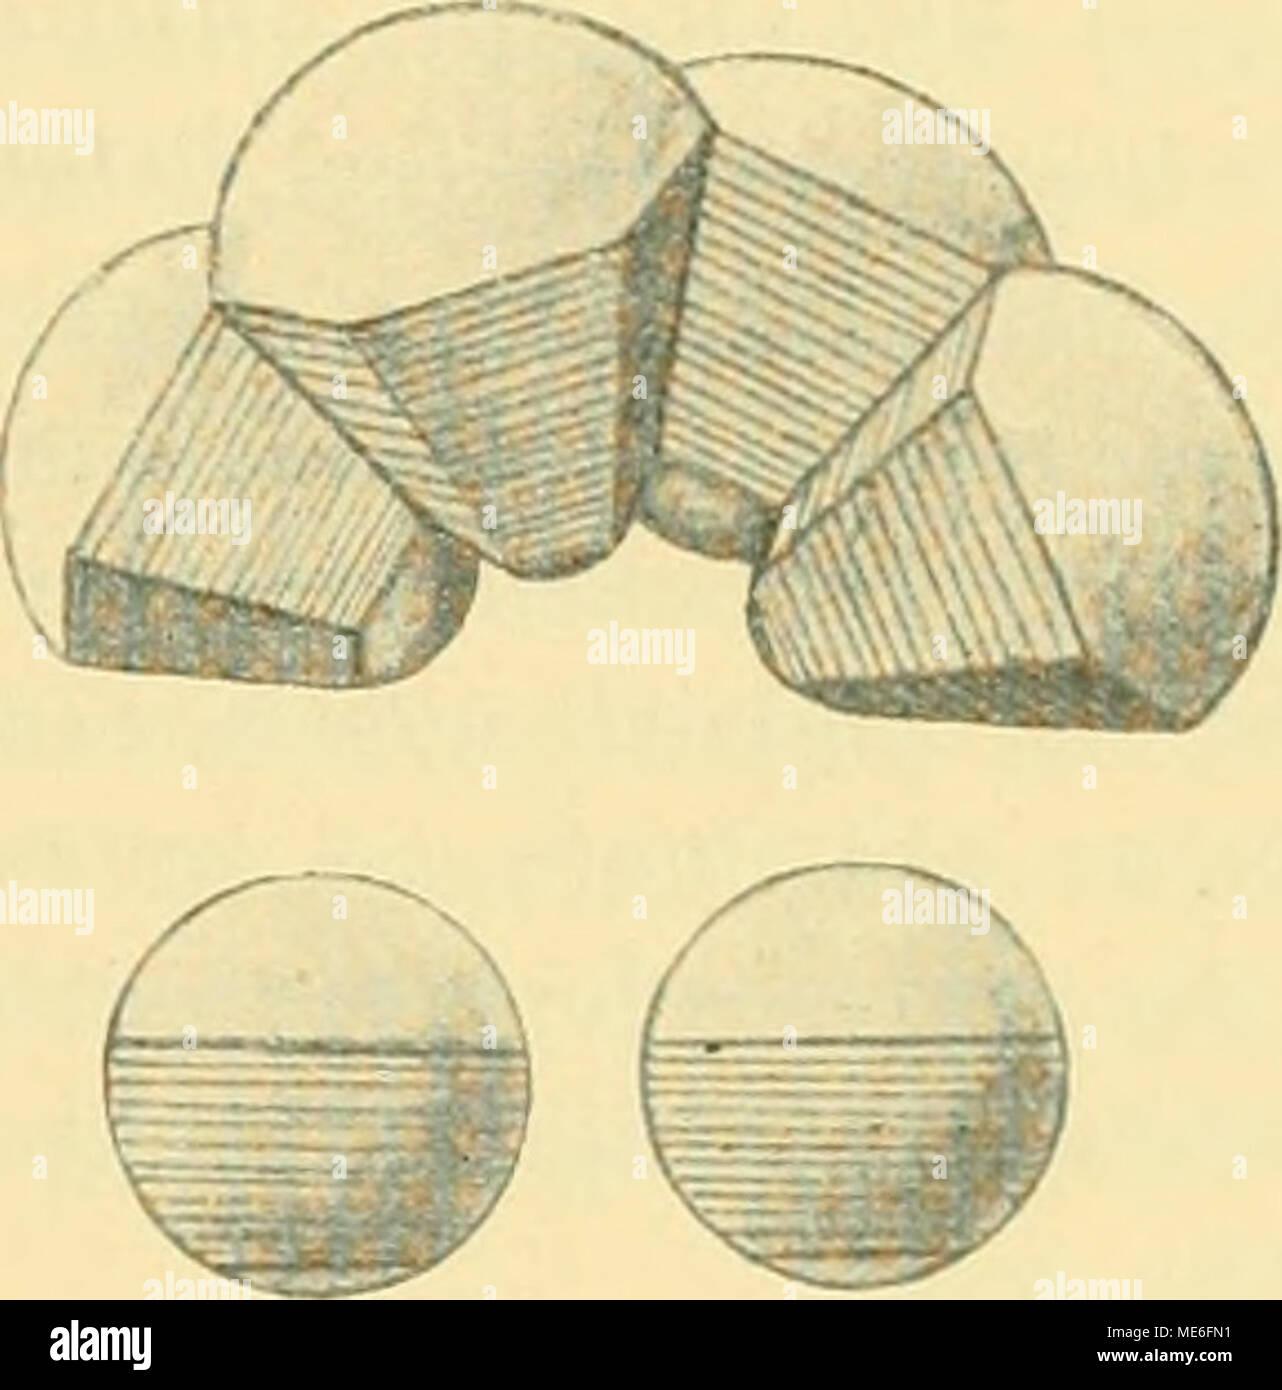 . Die Geschichte der T-Riesen von Ascaris megalocephala als Grundlage zu einer Entwickelungsmechanik dieser Spezies . 1 und 2 Schemata eines schwach und eines stark gekrümmten Epithels; darunter isolierte Zellen. Die Attraktionszonen sind schraffiert. Allein die Voraussetzung dieser relativ sparsamen Hypothese trifft bei den Epithel- zellen von Ascaris ganz und gar nicht zu. Schon in der normalen Ontogenesis geschieht es hie und da, daß innerhalb eines und desselben Stadiums der Krümmungsgrad des ektoder- malen Epithels lokal verändert wird (zur Strassen 1896a, p. 69), so daß die gleichen Zell - Stock Image